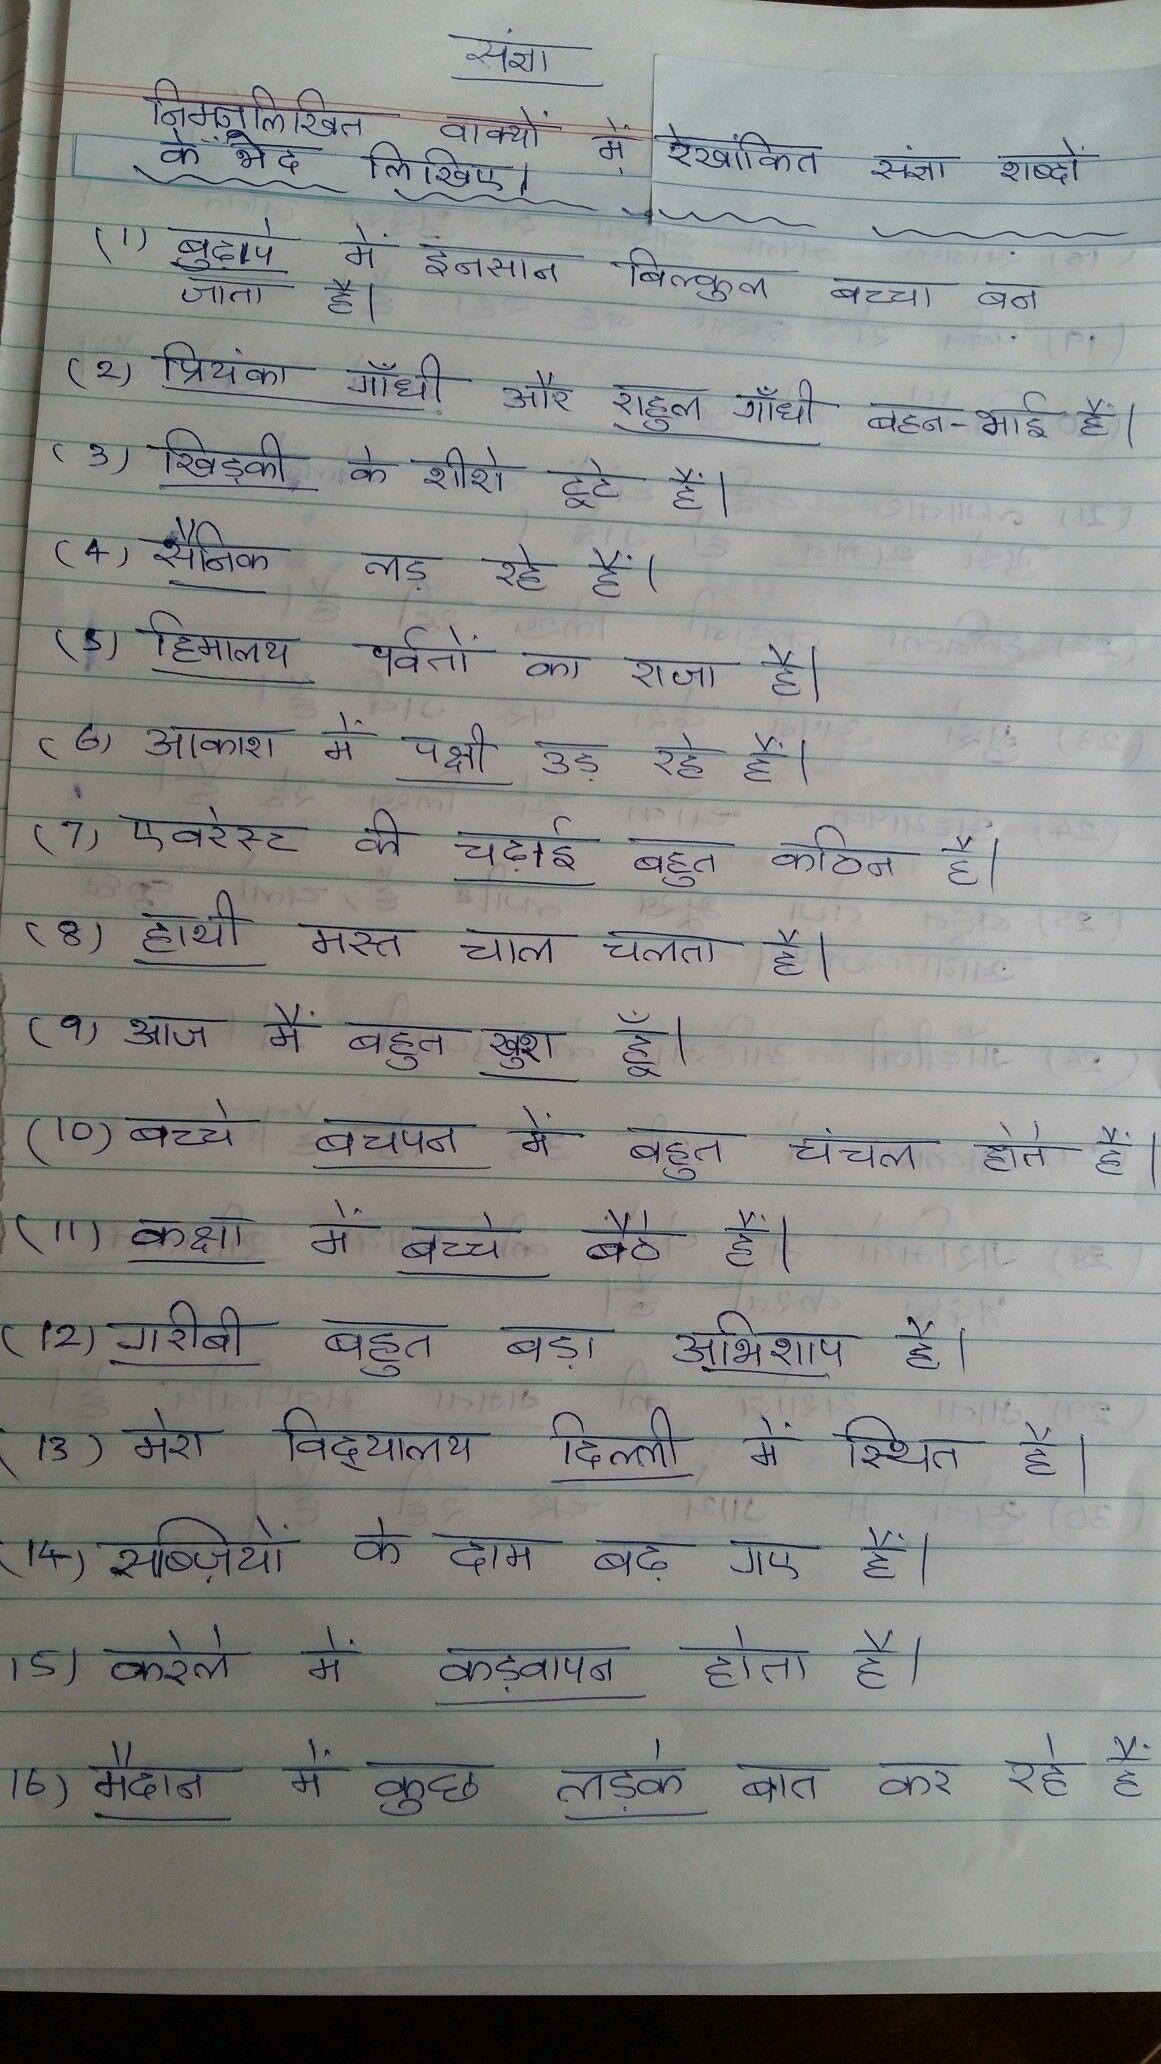 medium resolution of Hindi grammar WORKSHEETS-SANGYA ...PNV   Hindi worksheets